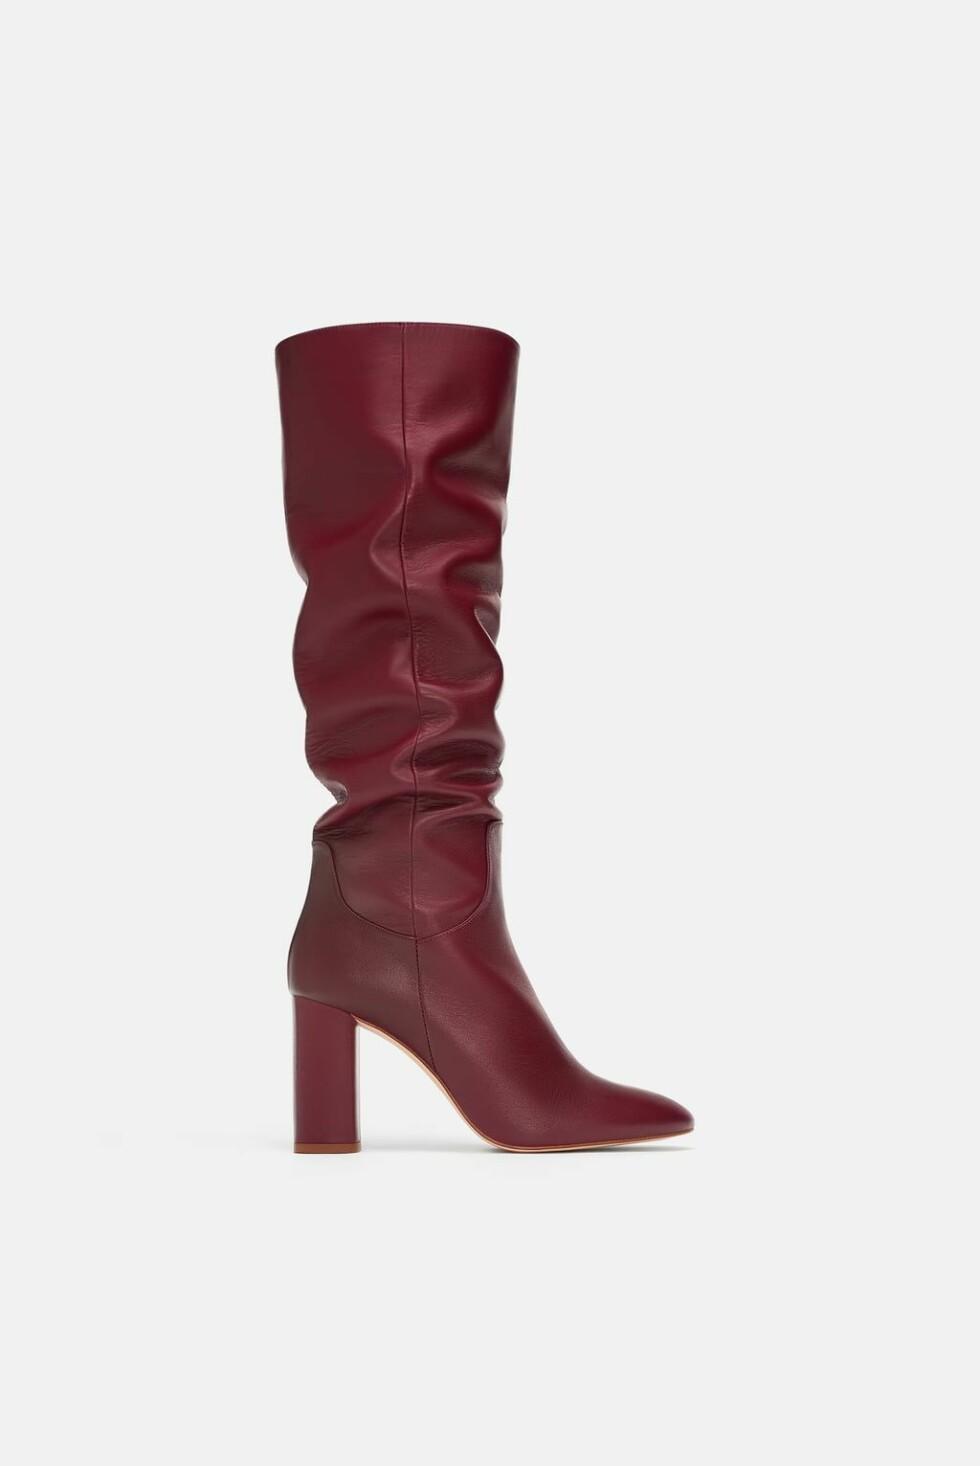 Støvletter fra Zara |500,-| https://www.zara.com/no/no/h%C3%B8yh%C3%A6lt-skinnst%C3%B8vel-p16015301.html?v1=8739122&v2=1177663